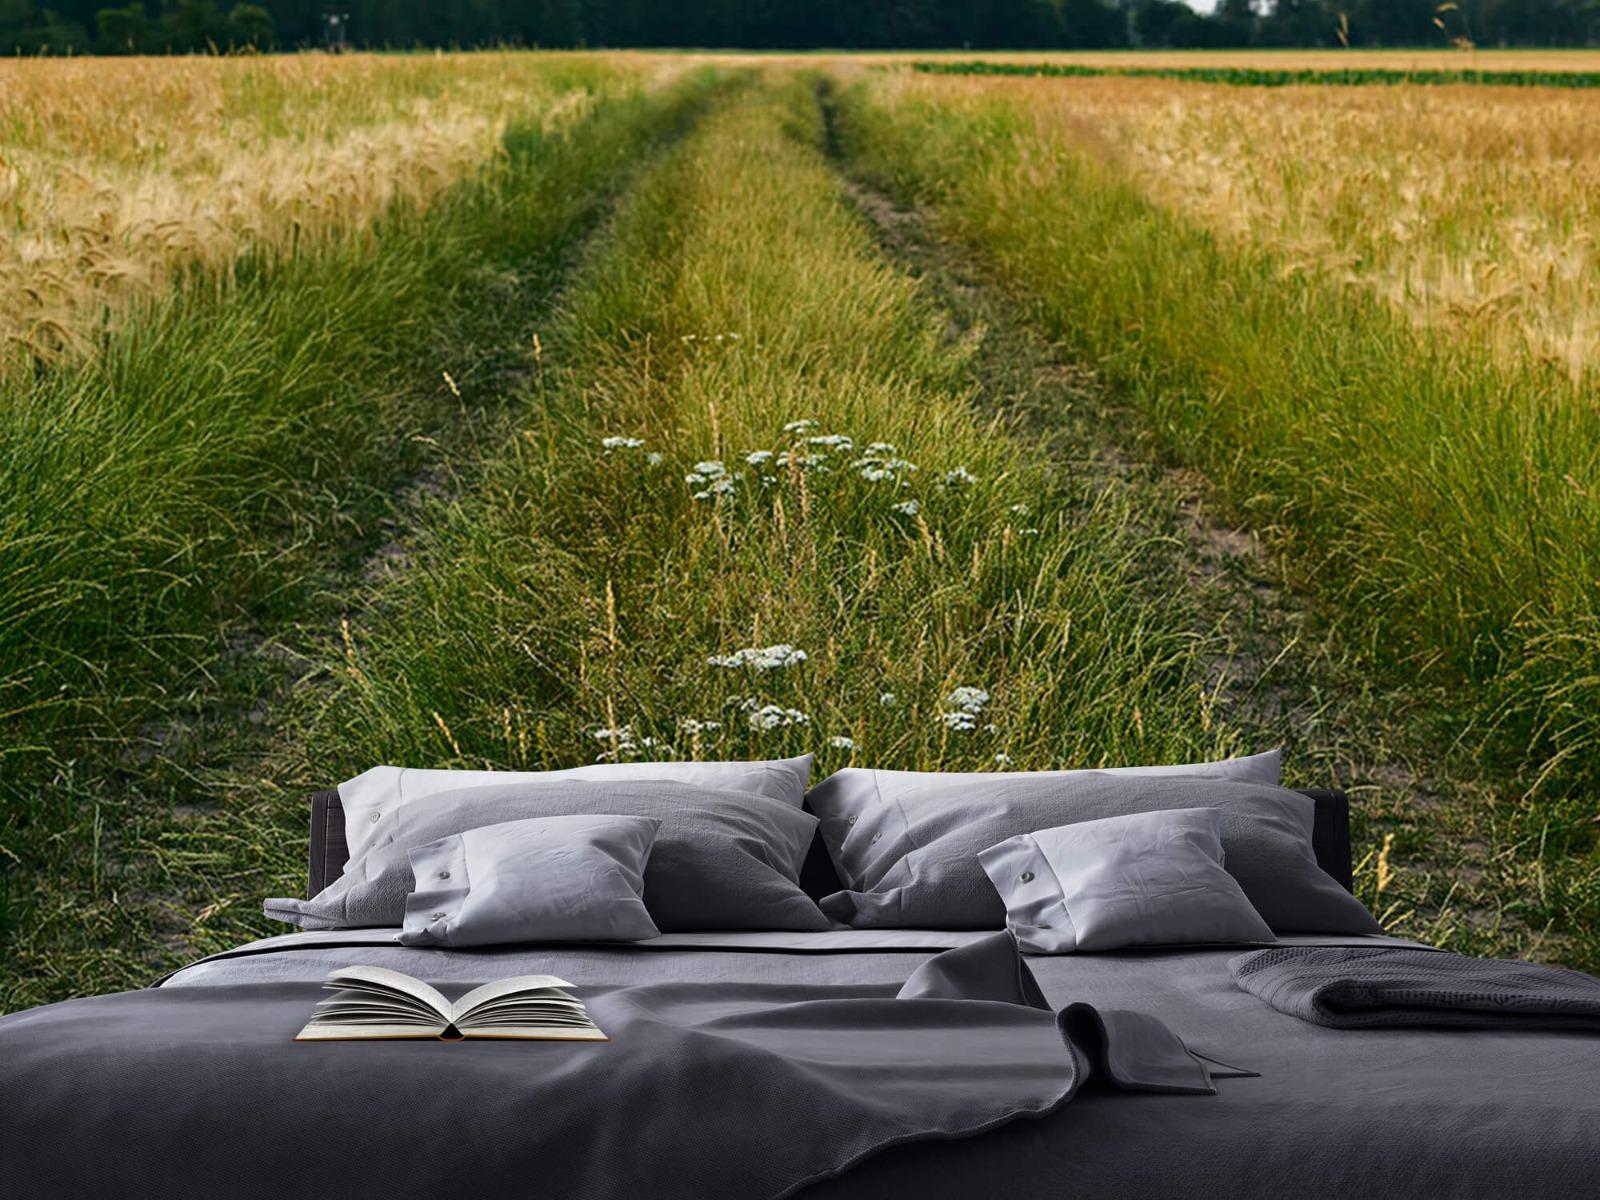 Landschap - Spoor in korenveld - Wallexclusive - Slaapkamer 17